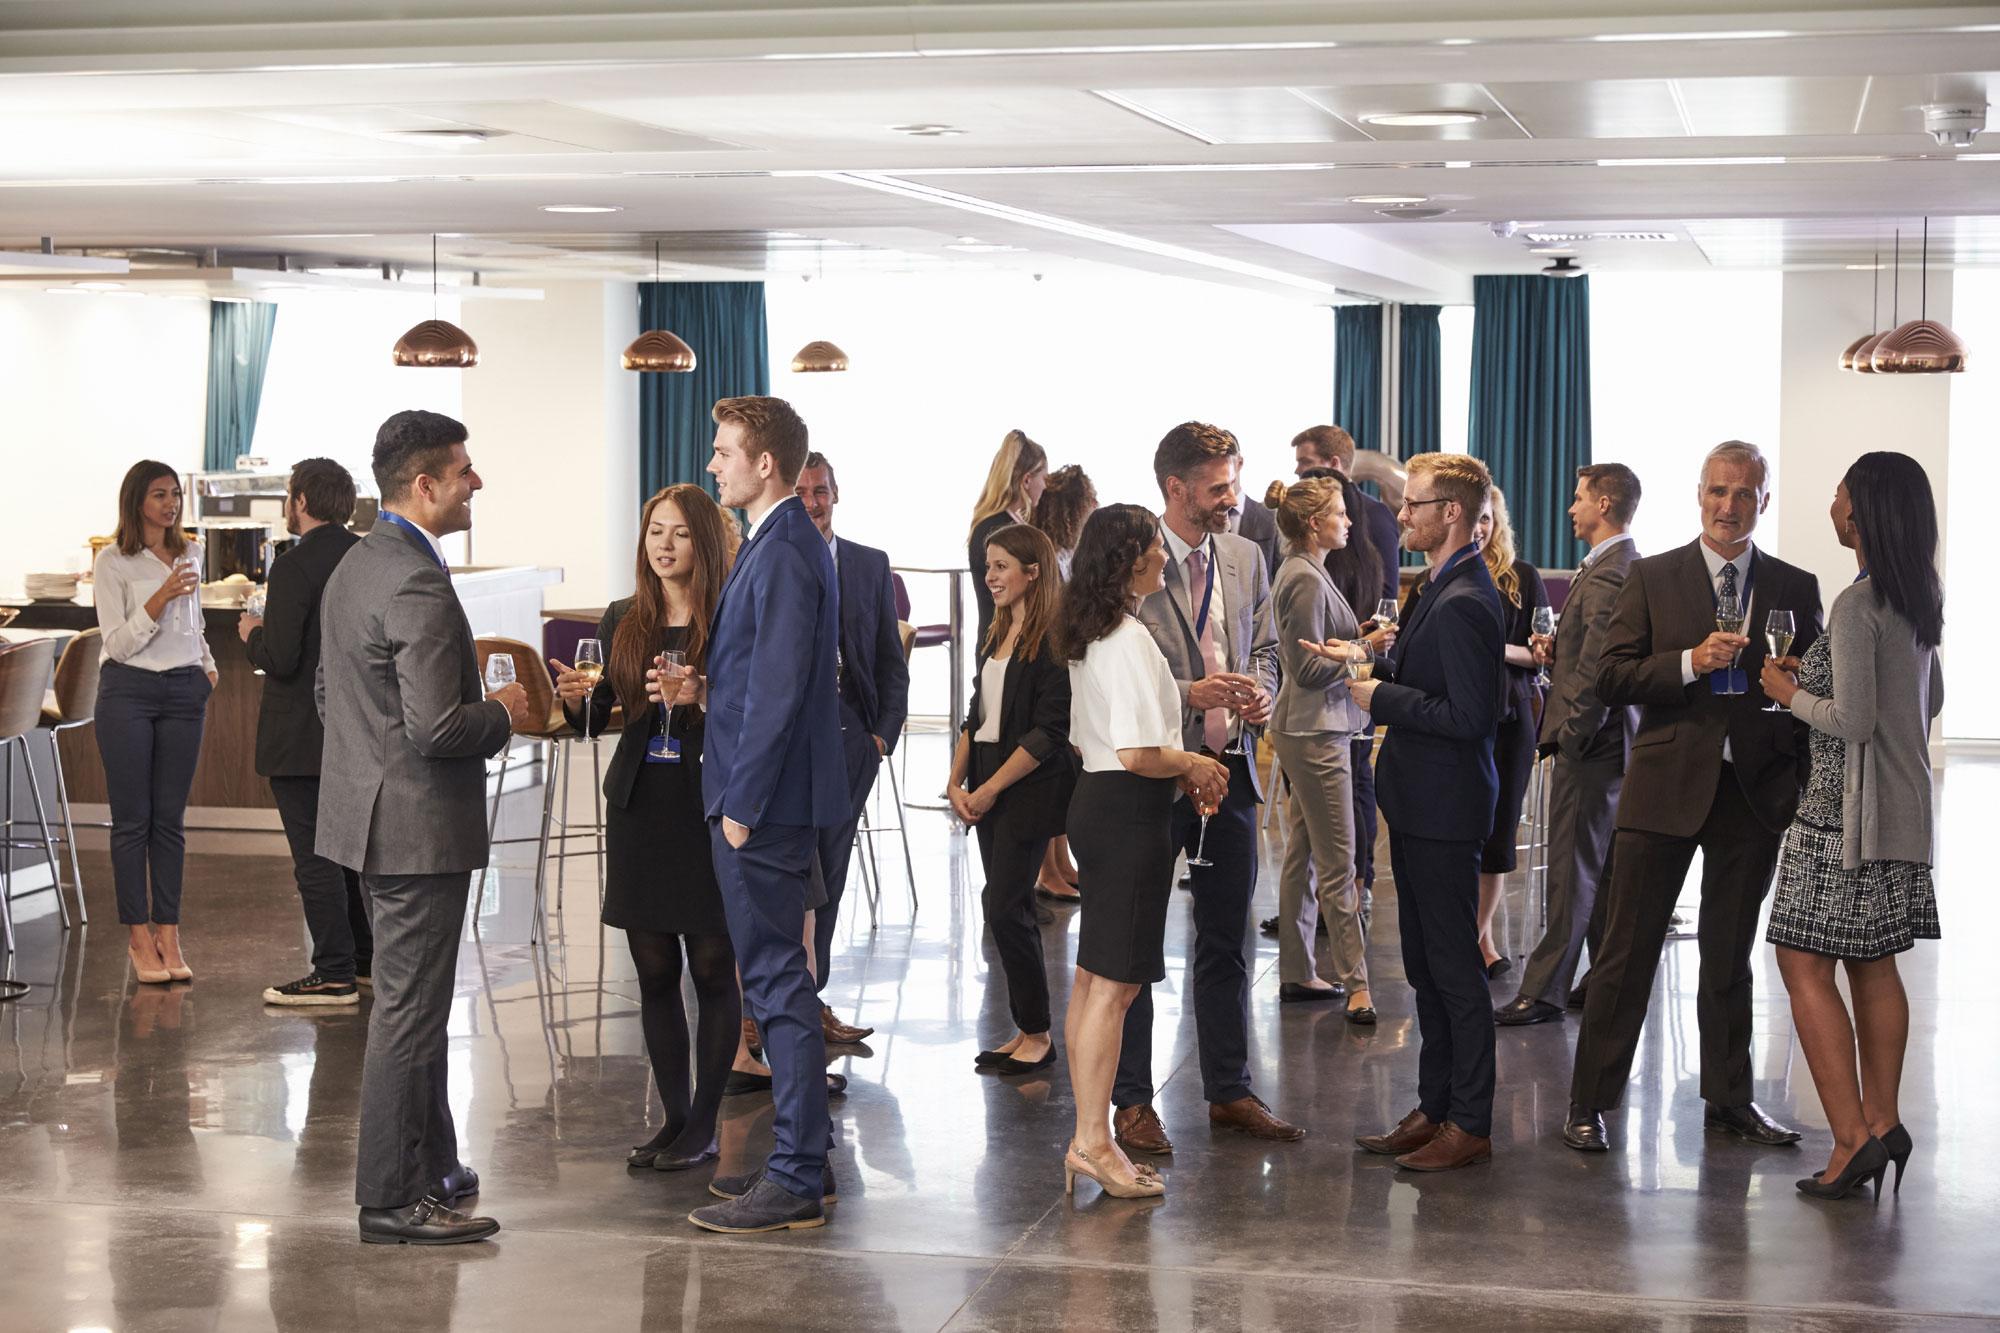 Lodi Stockton Professionals Network - California Networking